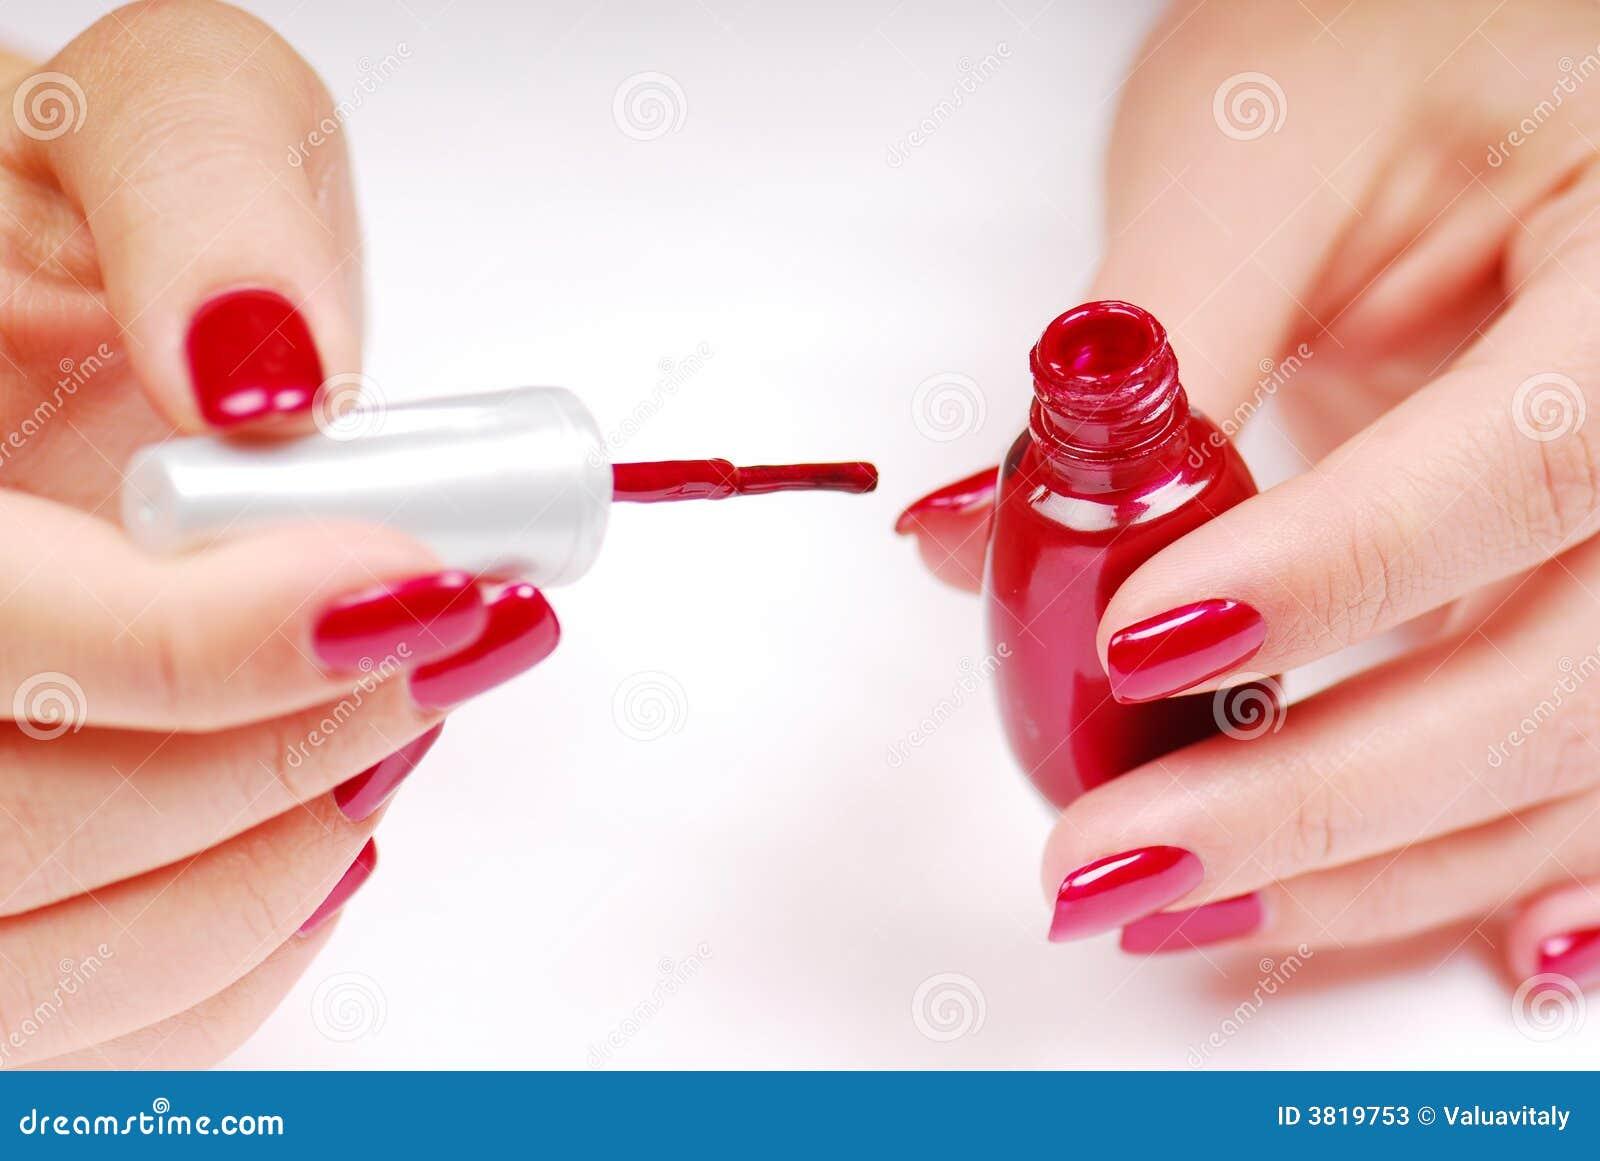 Как накрасить ногти красным лаком фото